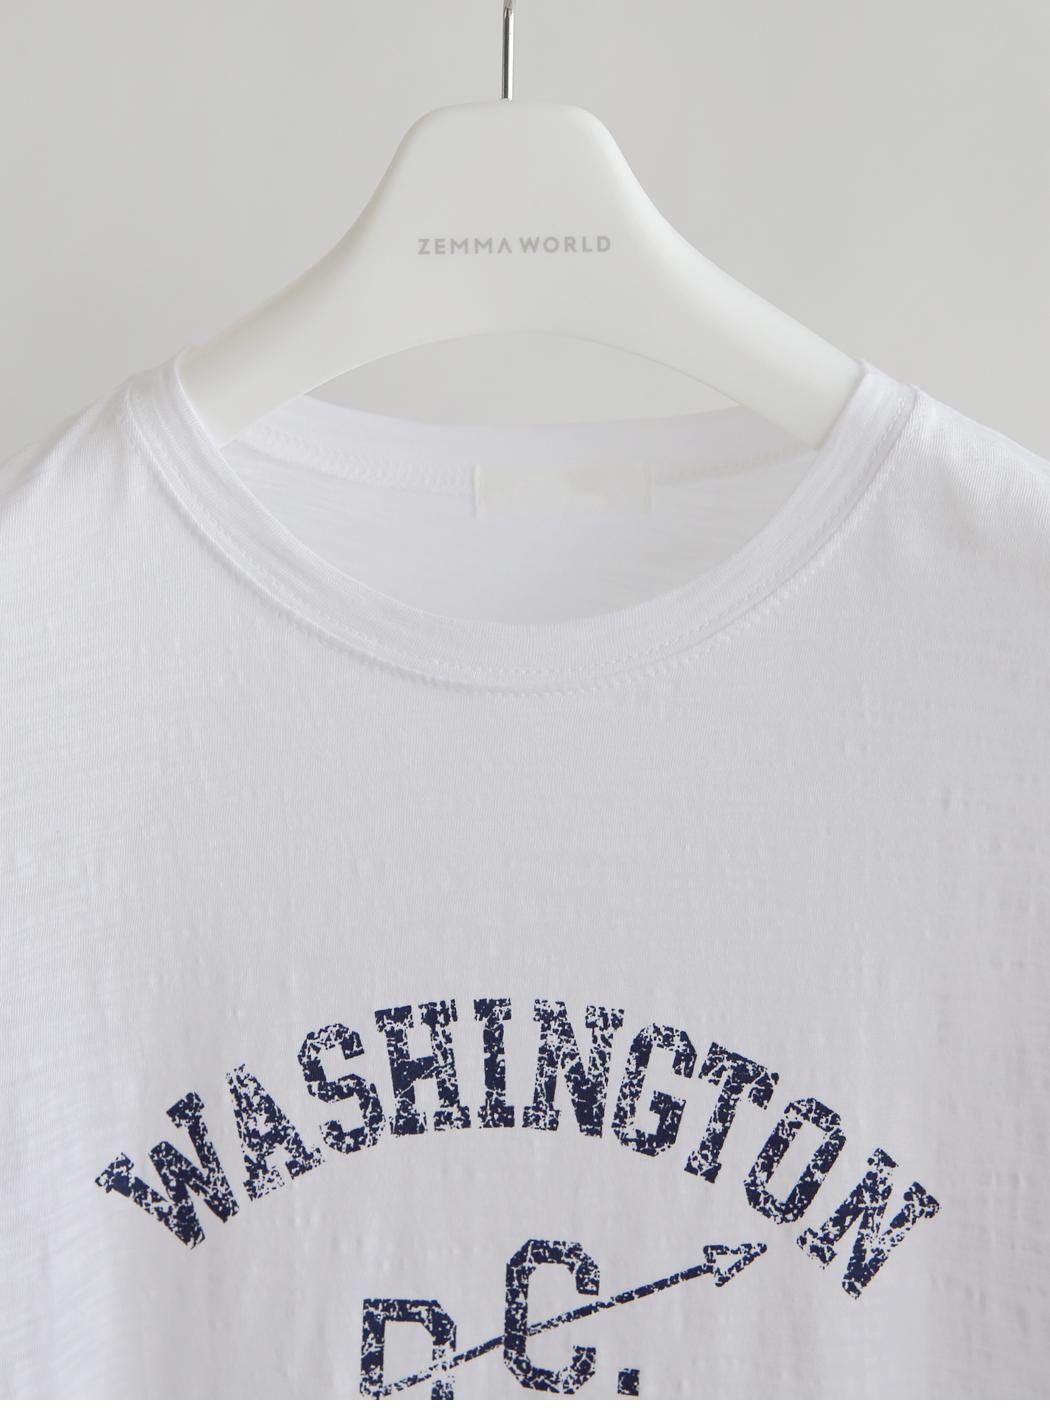 'WASHINGTON' Vintage Slub Tee